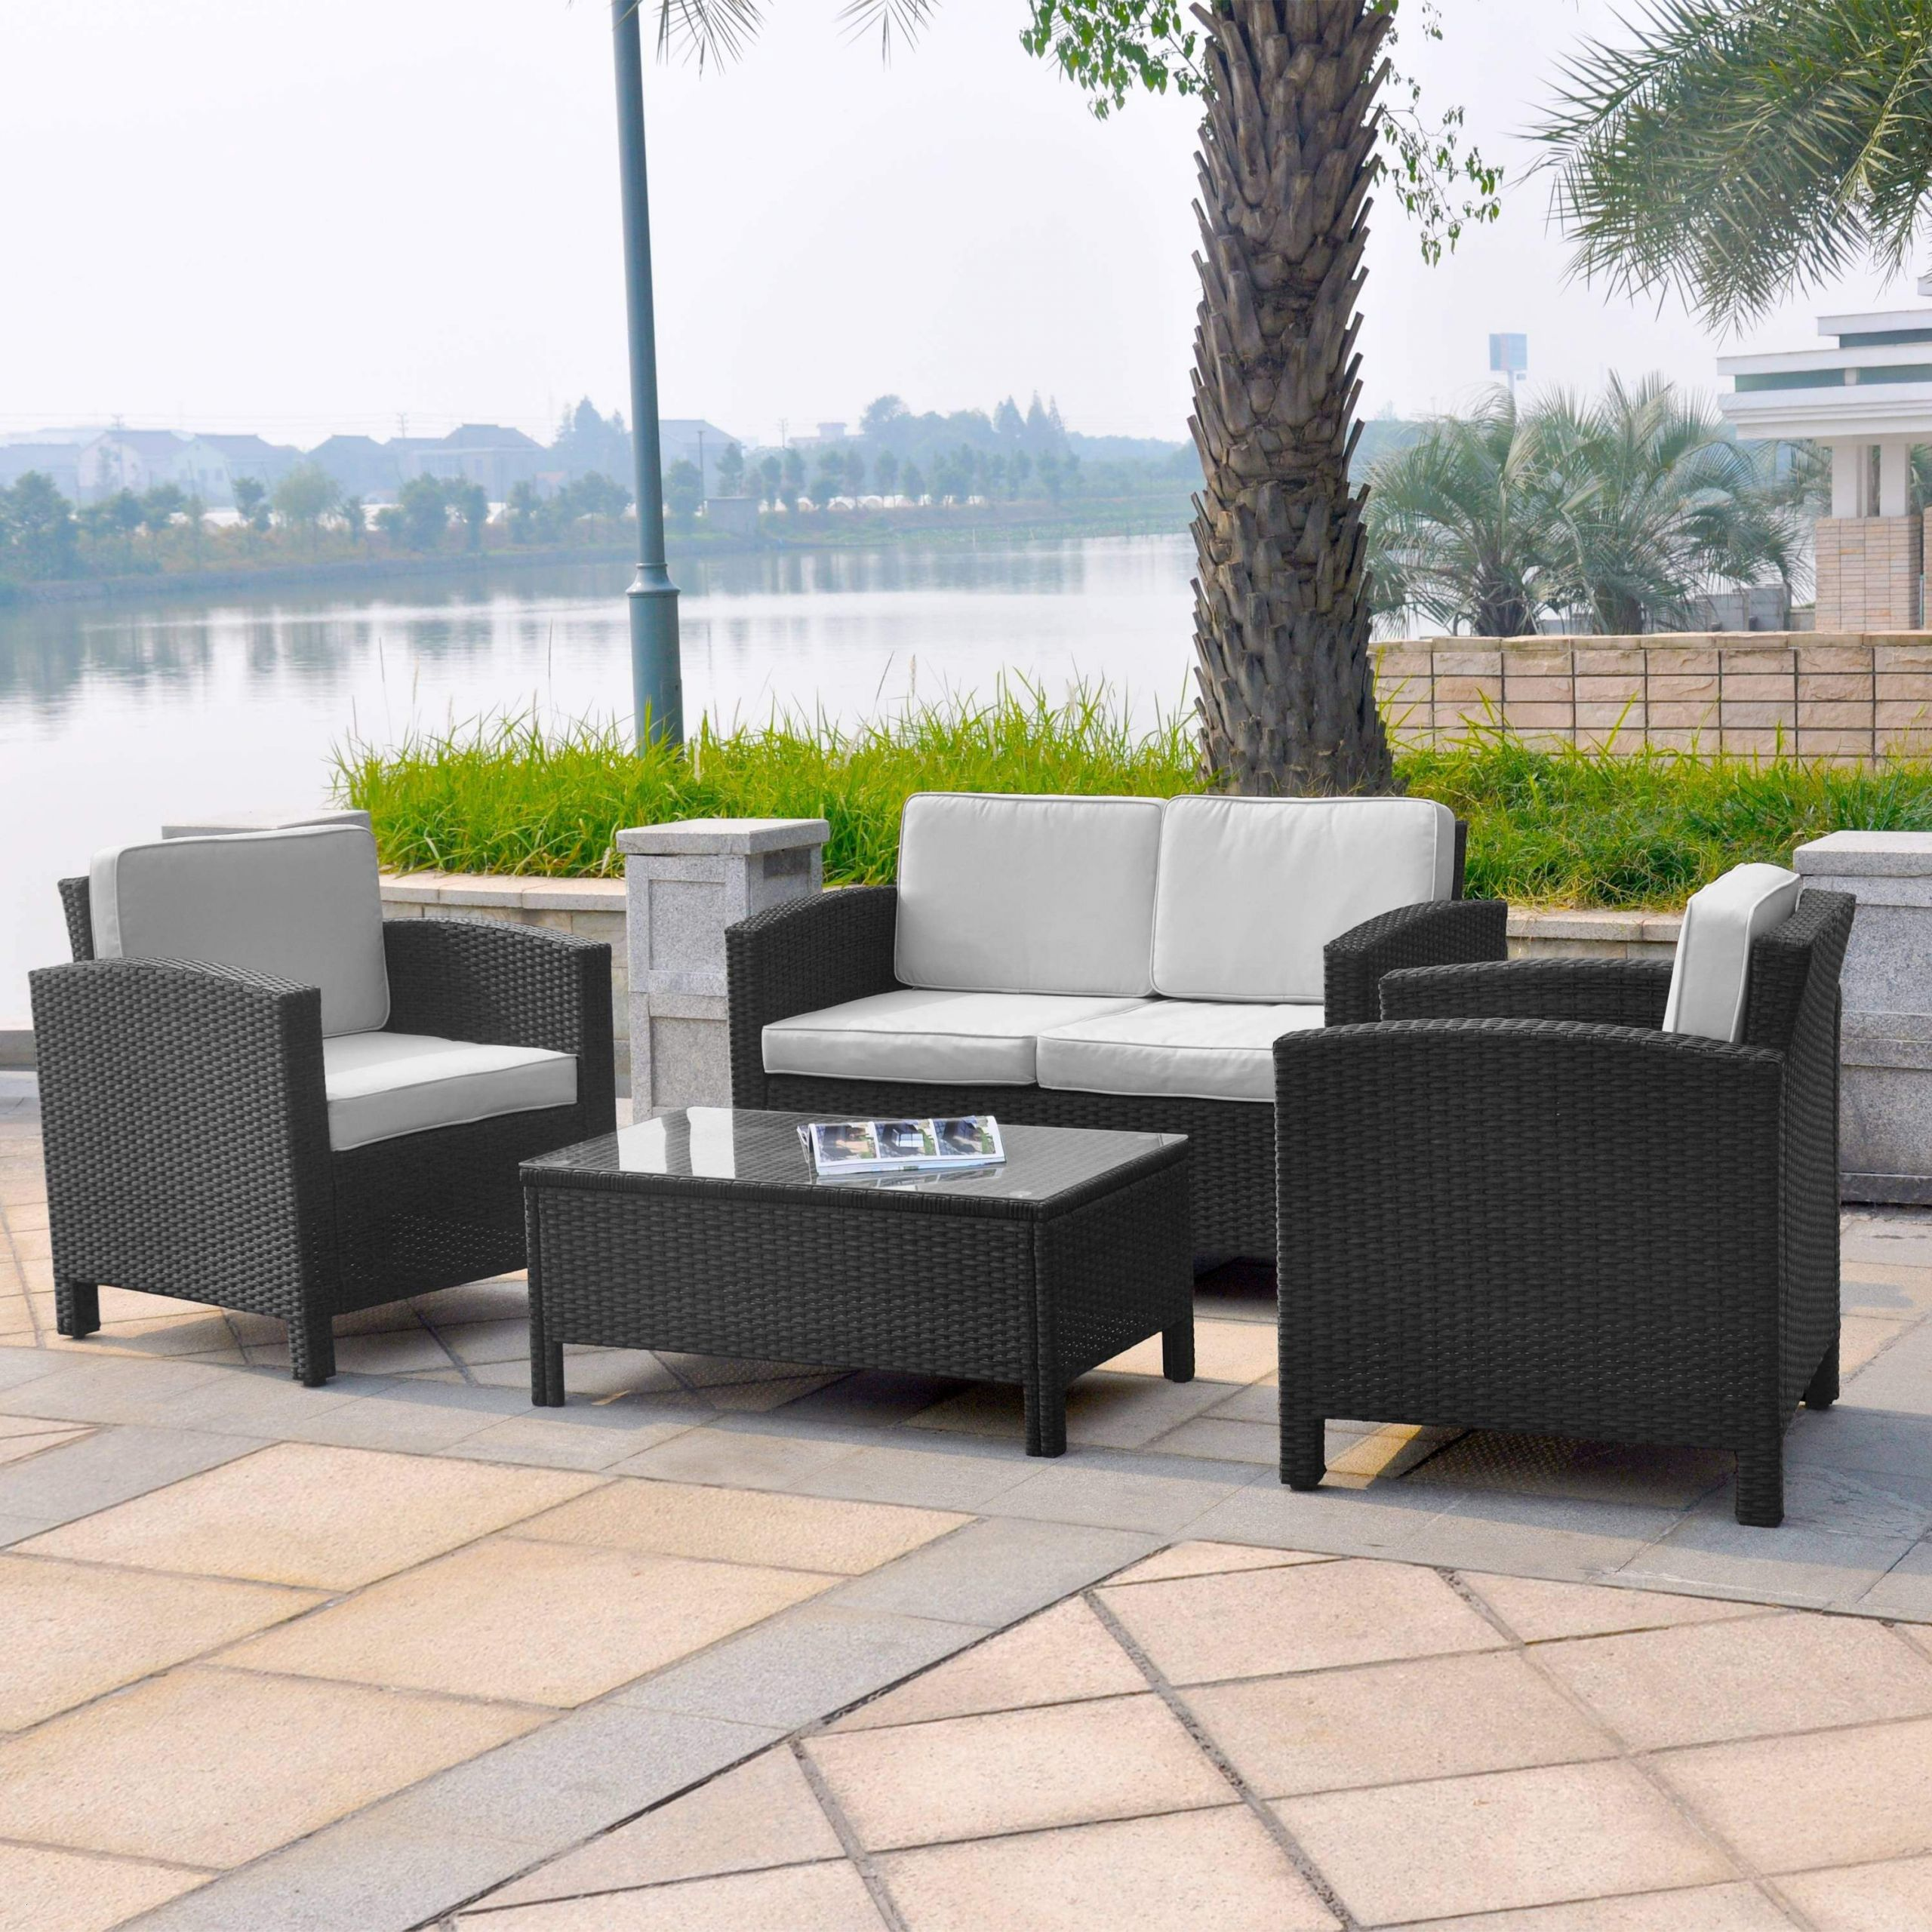 Garten Stapelstühle Luxus 11 Tisch Stühle Terrasse Einzigartig